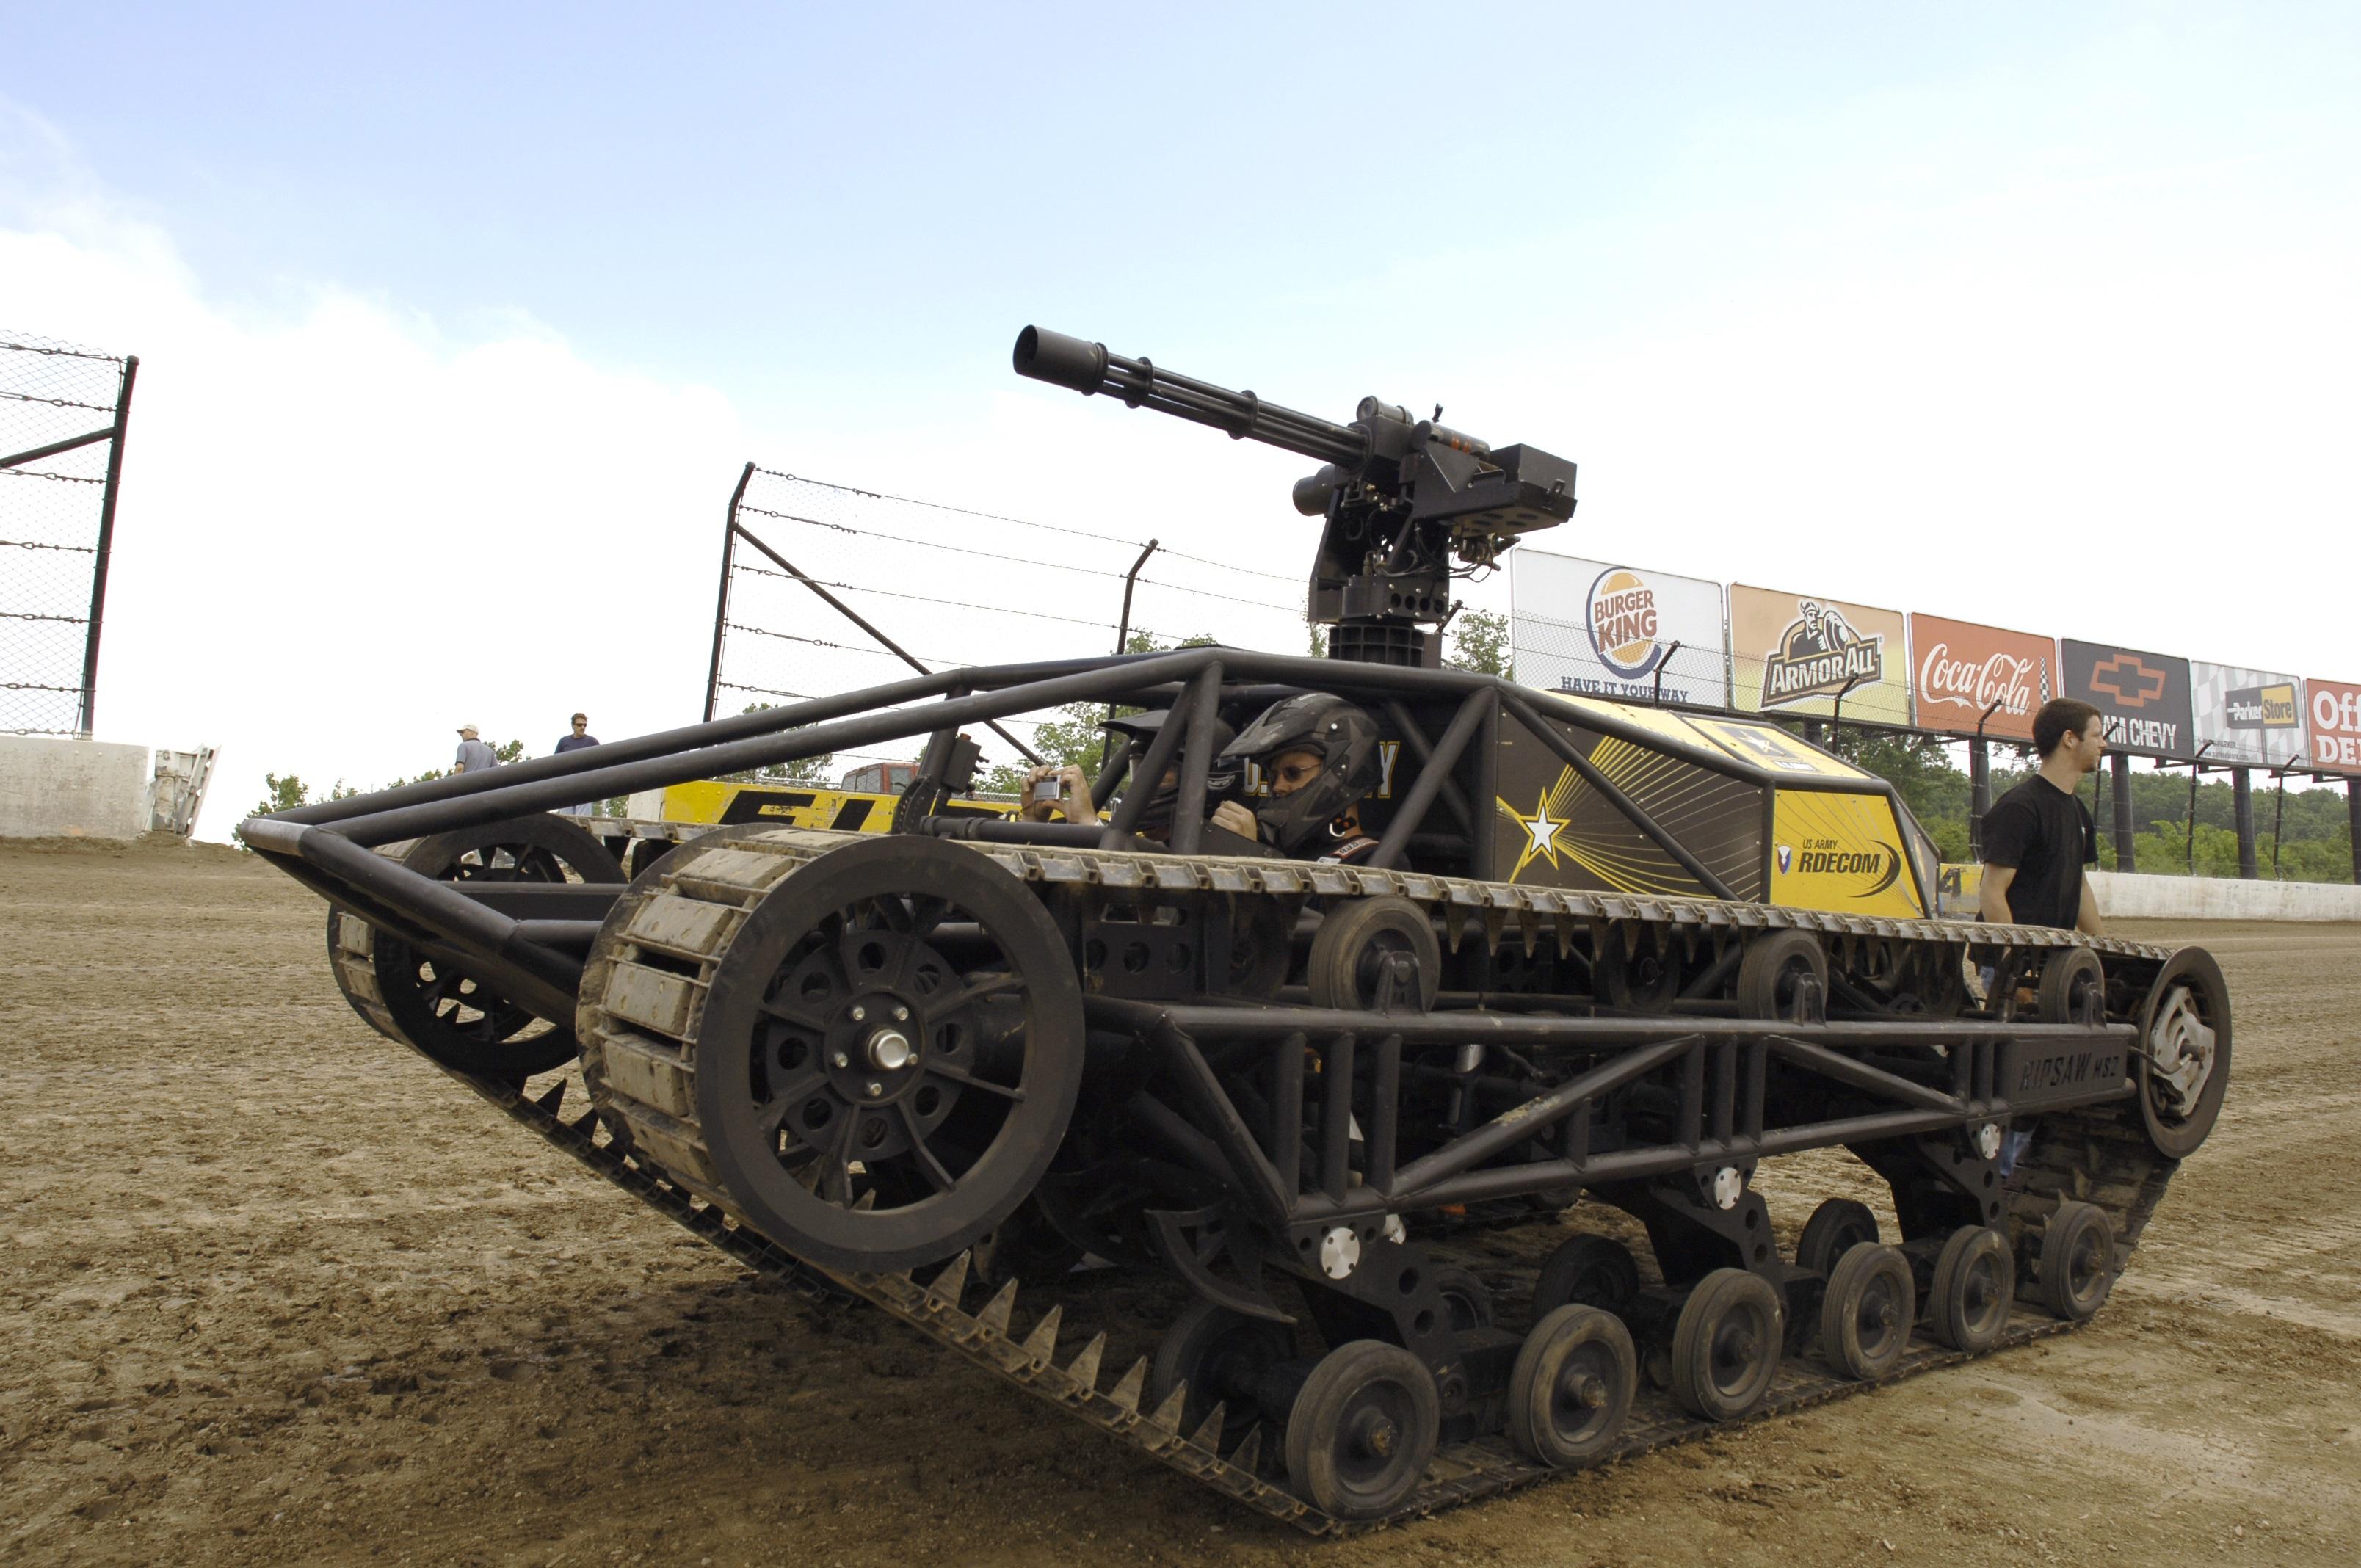 El ejército de EE.UU ya tiene un dron en forma de tanque